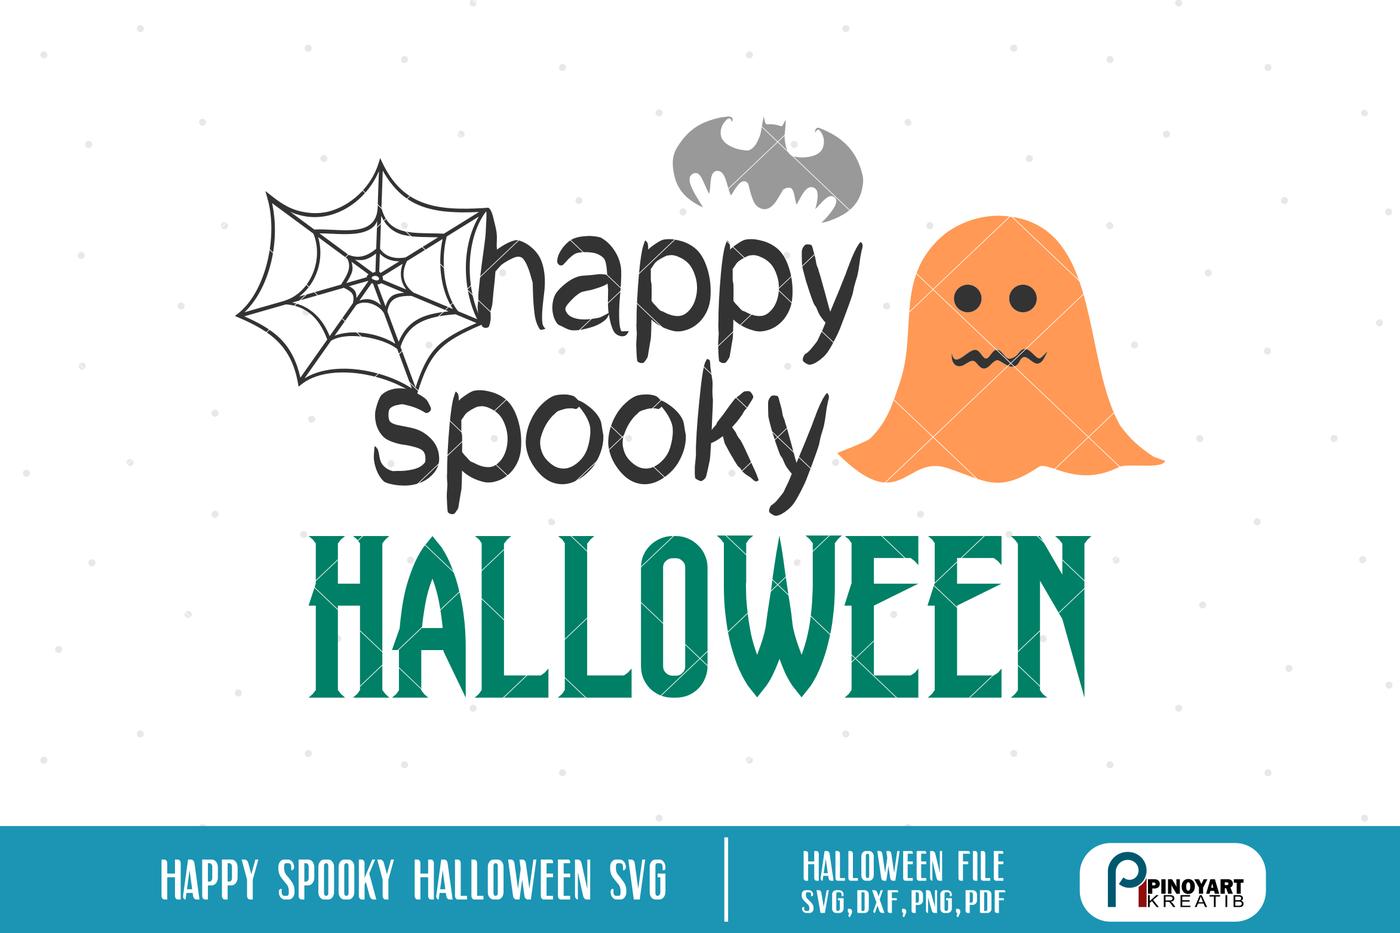 Happy Spooky Halloween Svg Halloween Svg Halloween Dxf Happy